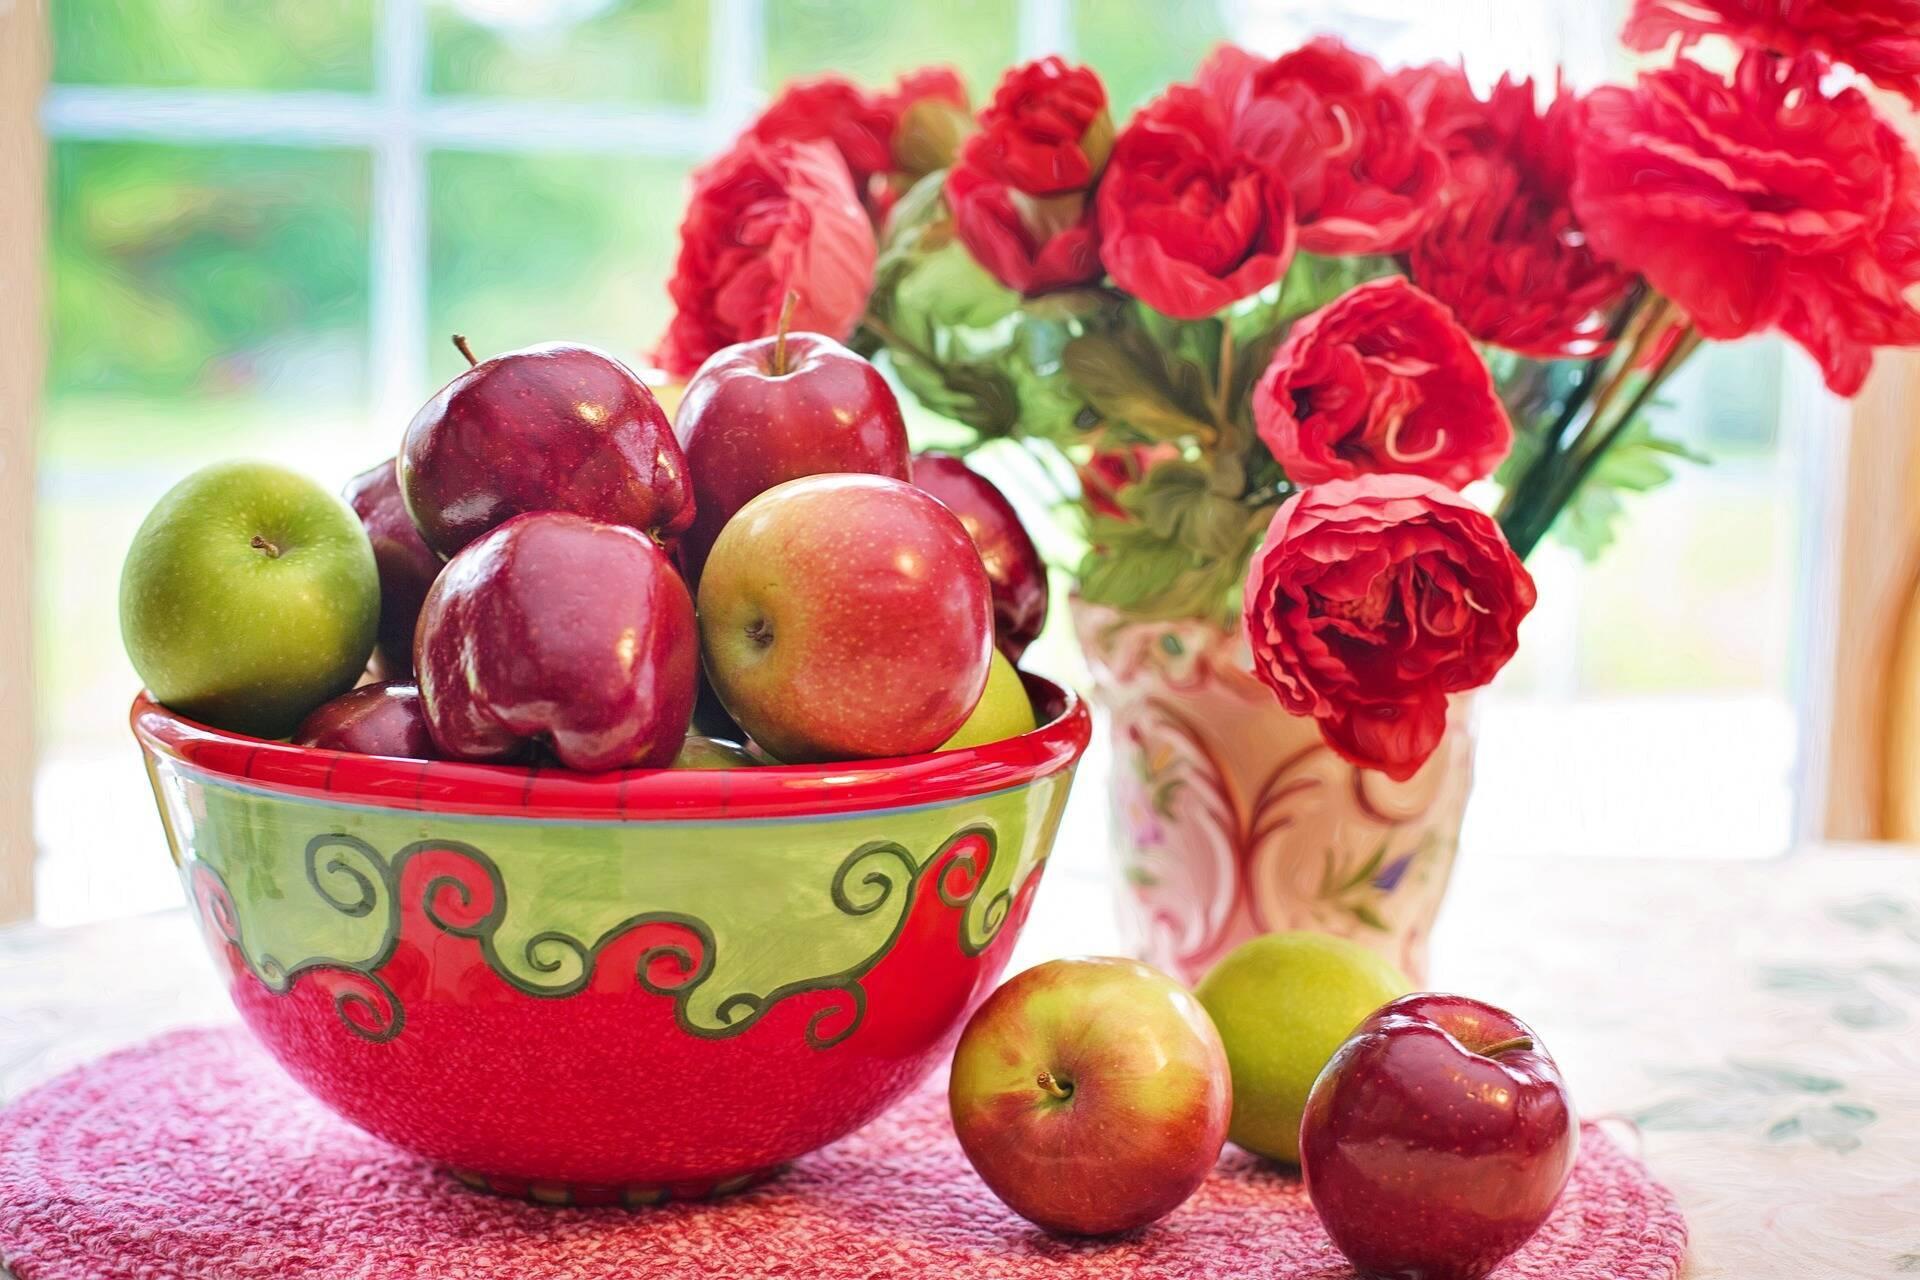 Яблочный Спас отмечается 19 августа и в 2020 году приходится на среду.